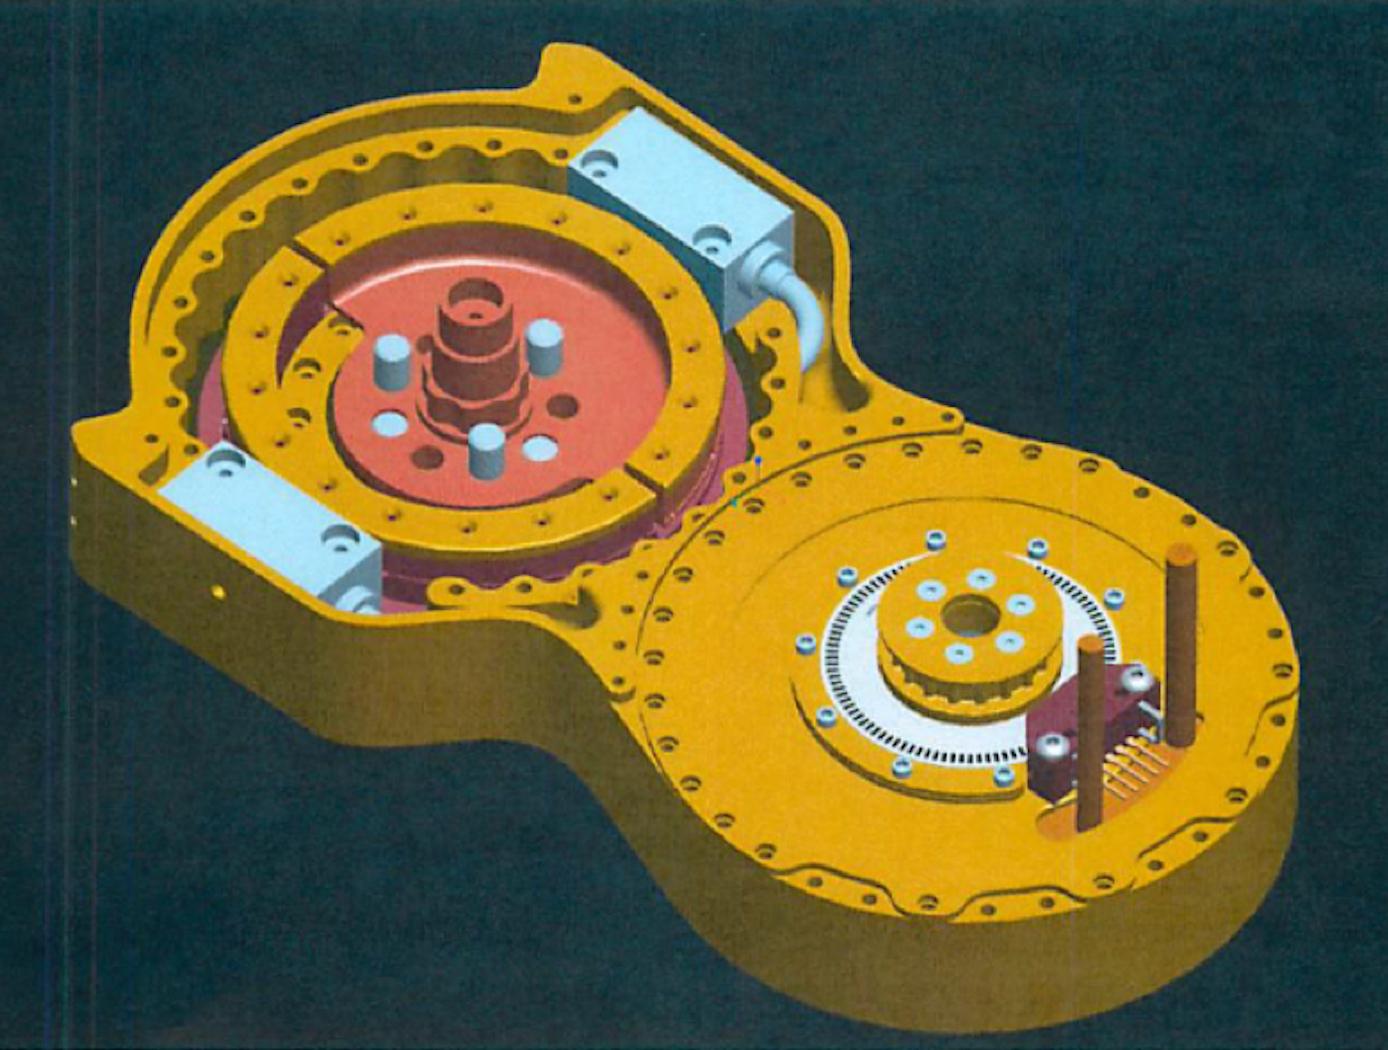 Split-Ring Torque Sensor, Top View